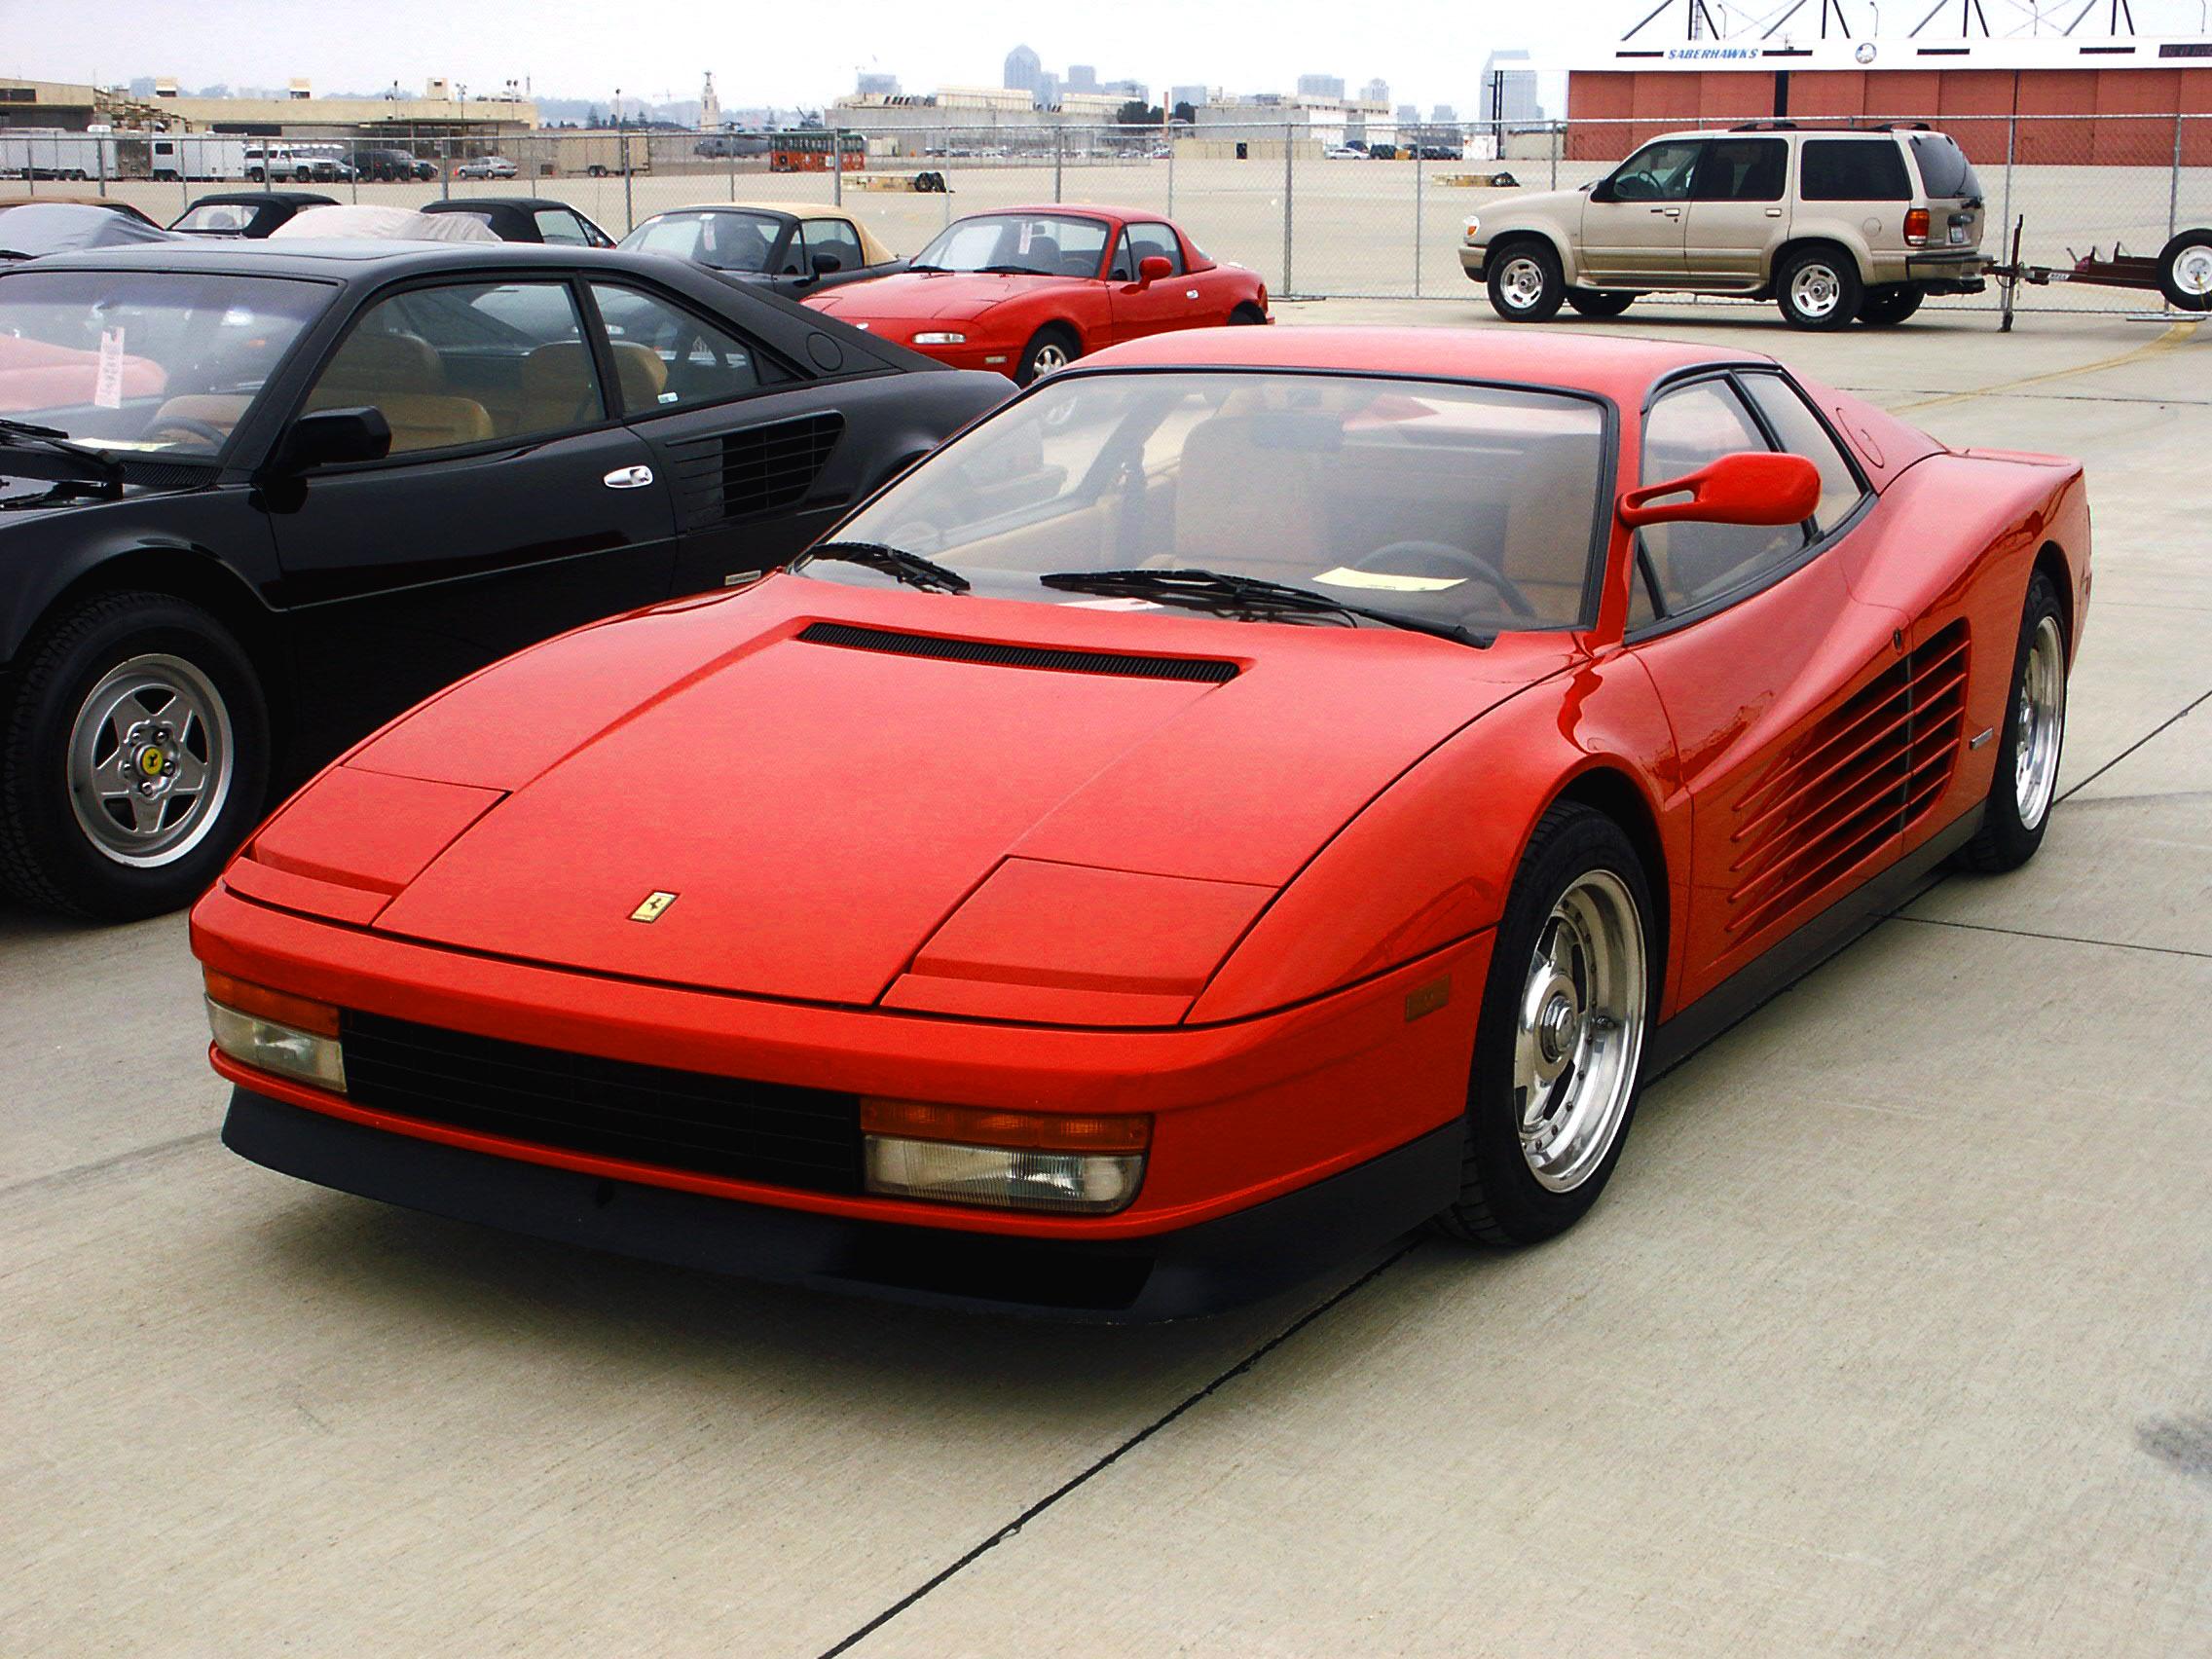 Ferrari Testarossa — Вікіпедія